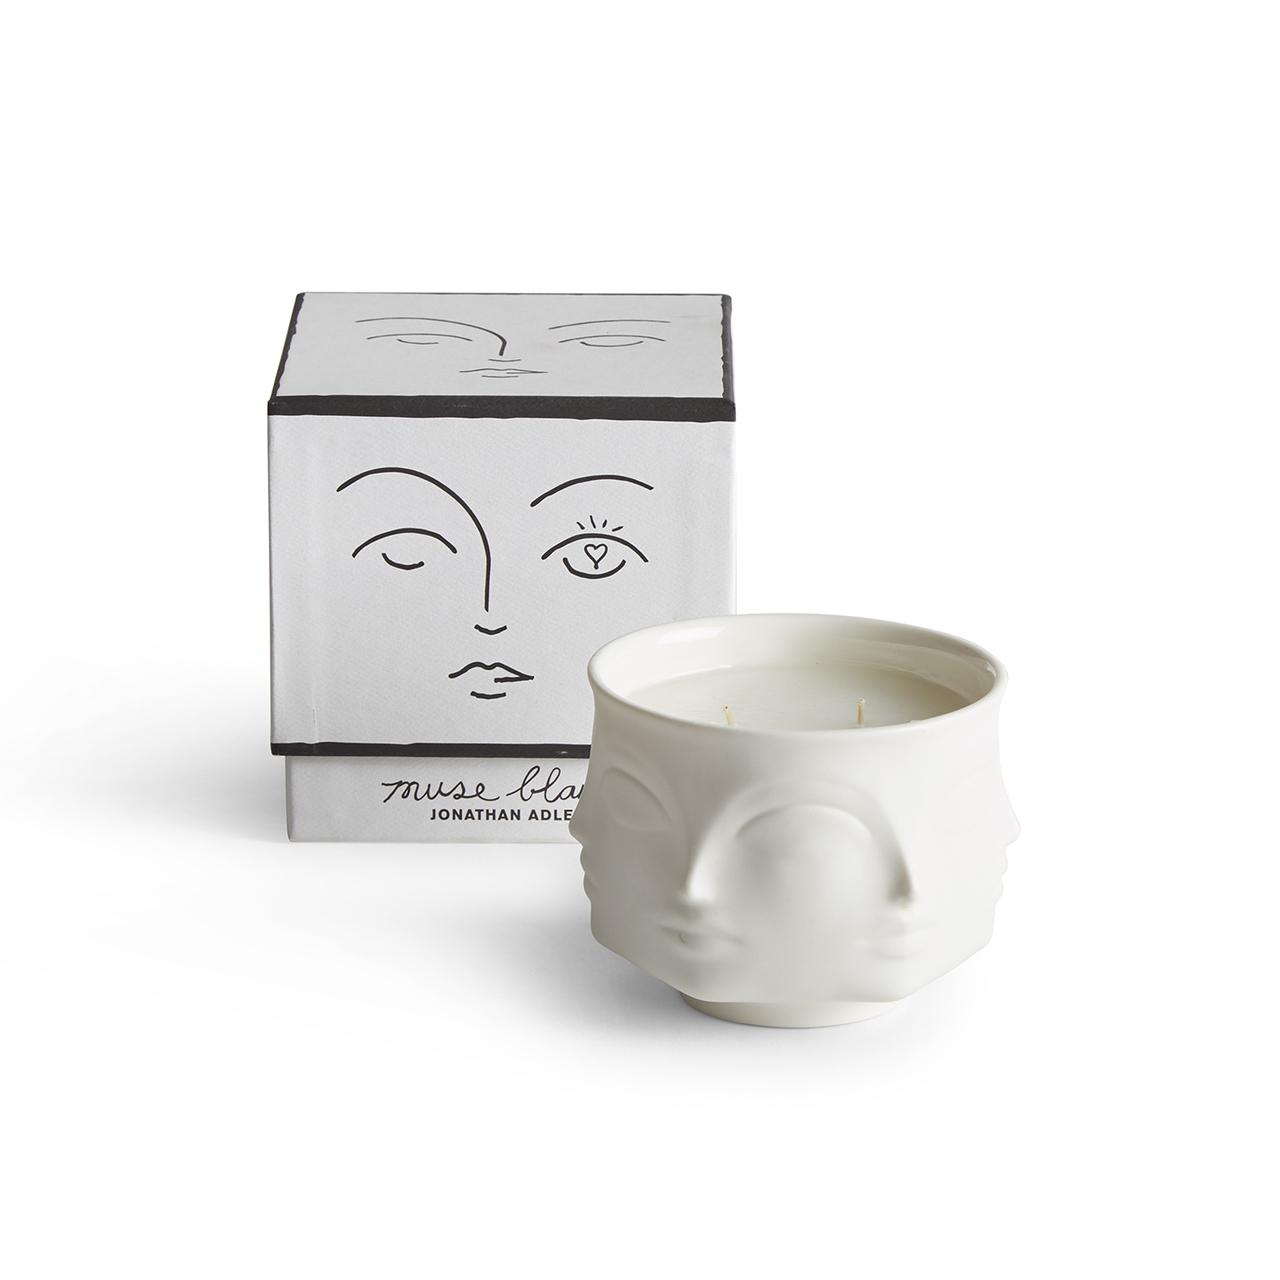 Candle Decorative Jar Minimalist Design